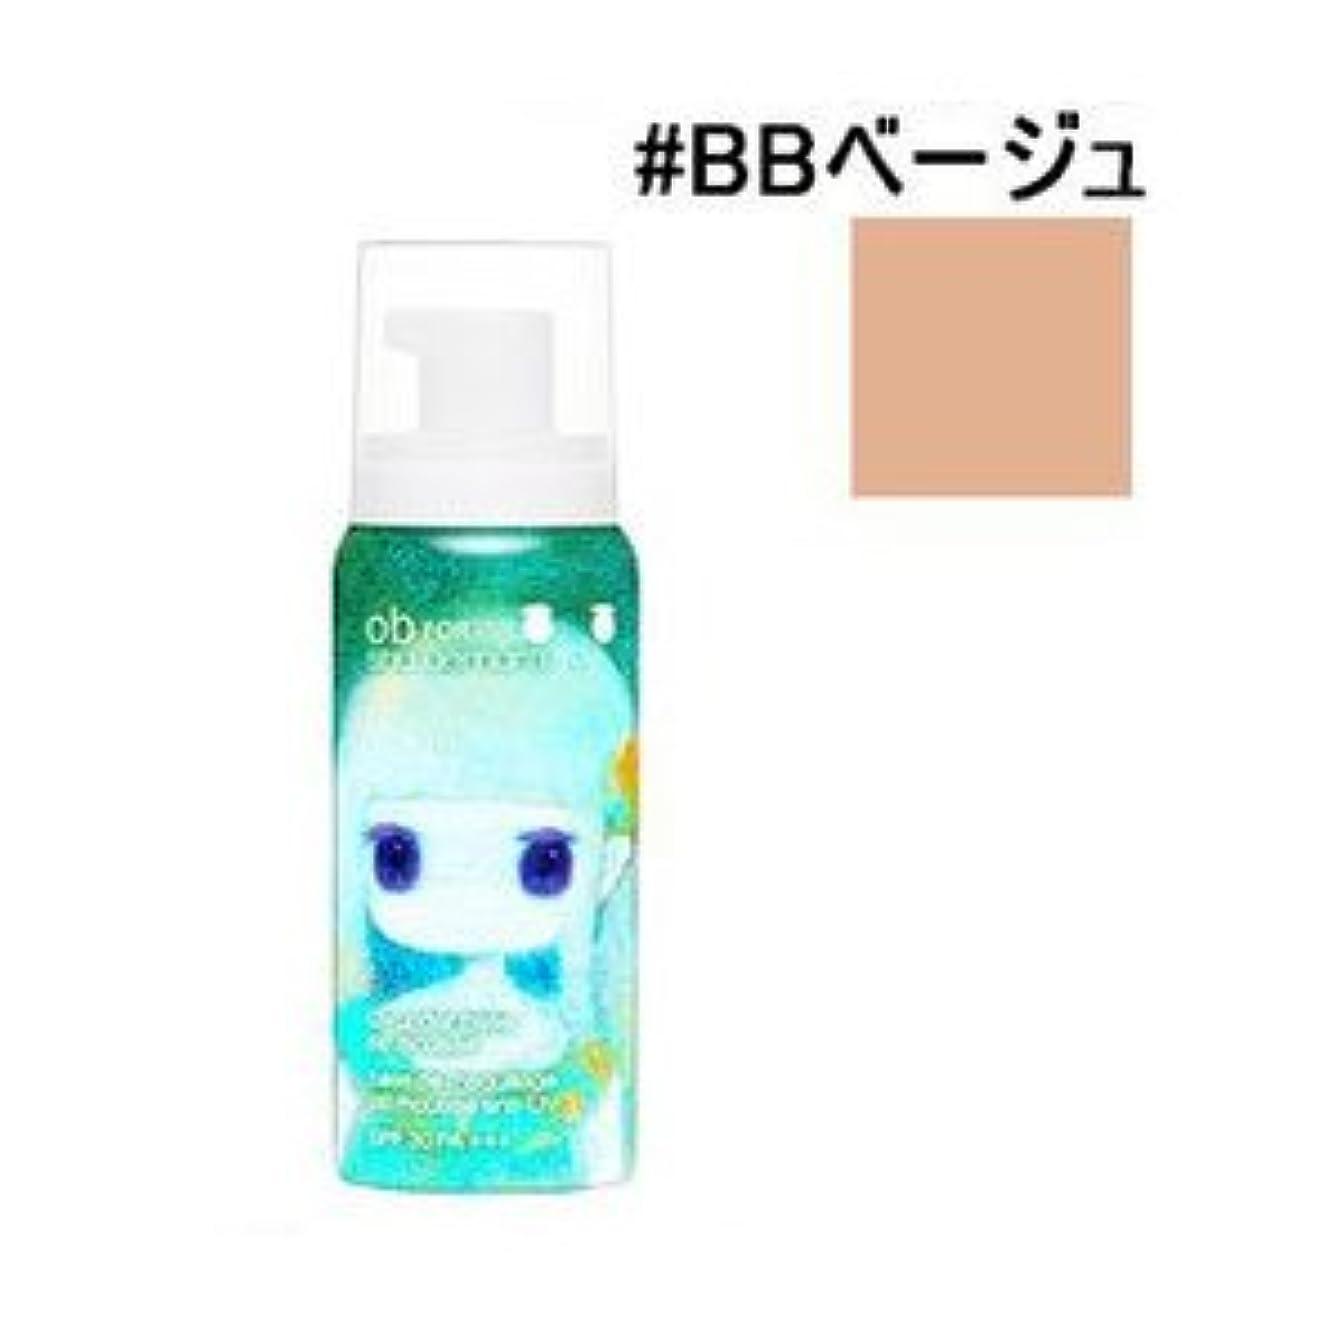 フリースチャールズキージングオリエンテーションshu uemura シュウ ウエムラ<br>UV アンダー ベース ムース #BB beige<br>SPF 30 ? PA+++<br>65g [並行輸入品]